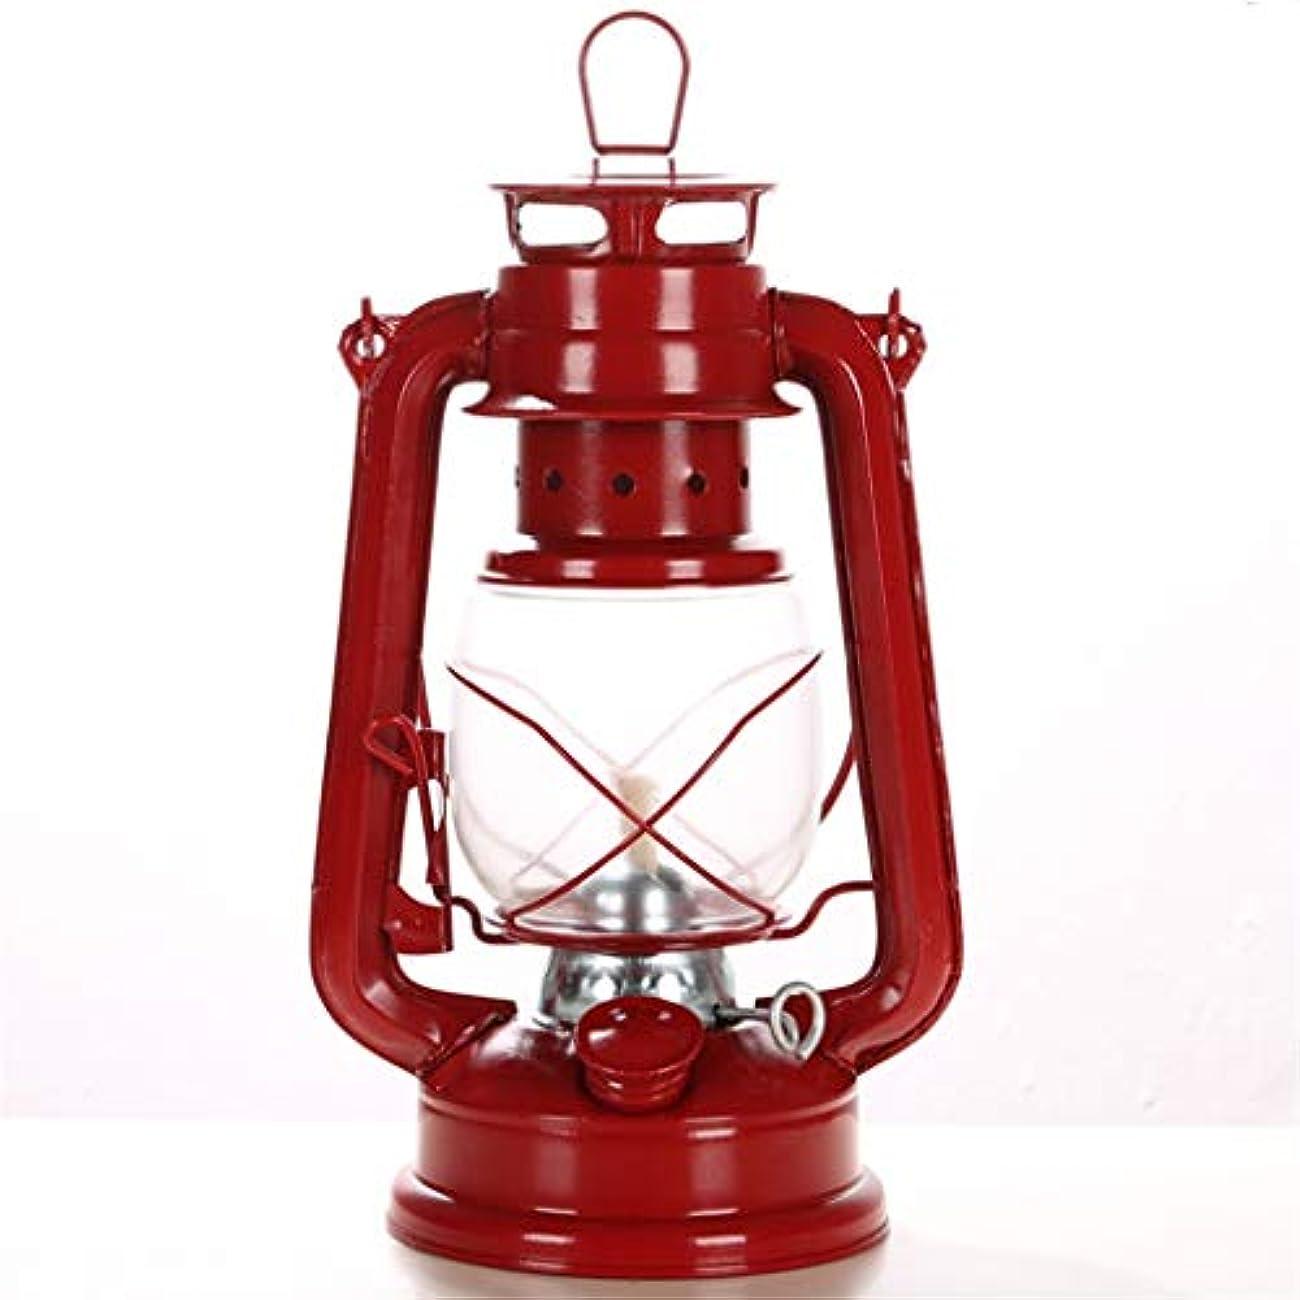 デクリメント行き当たりばったり紫のヴィンテージオイルランプ/灯油ランプ、24.5cmガラスのランプシェード、家庭用家具に最適、屋外テント、バーイン(赤)